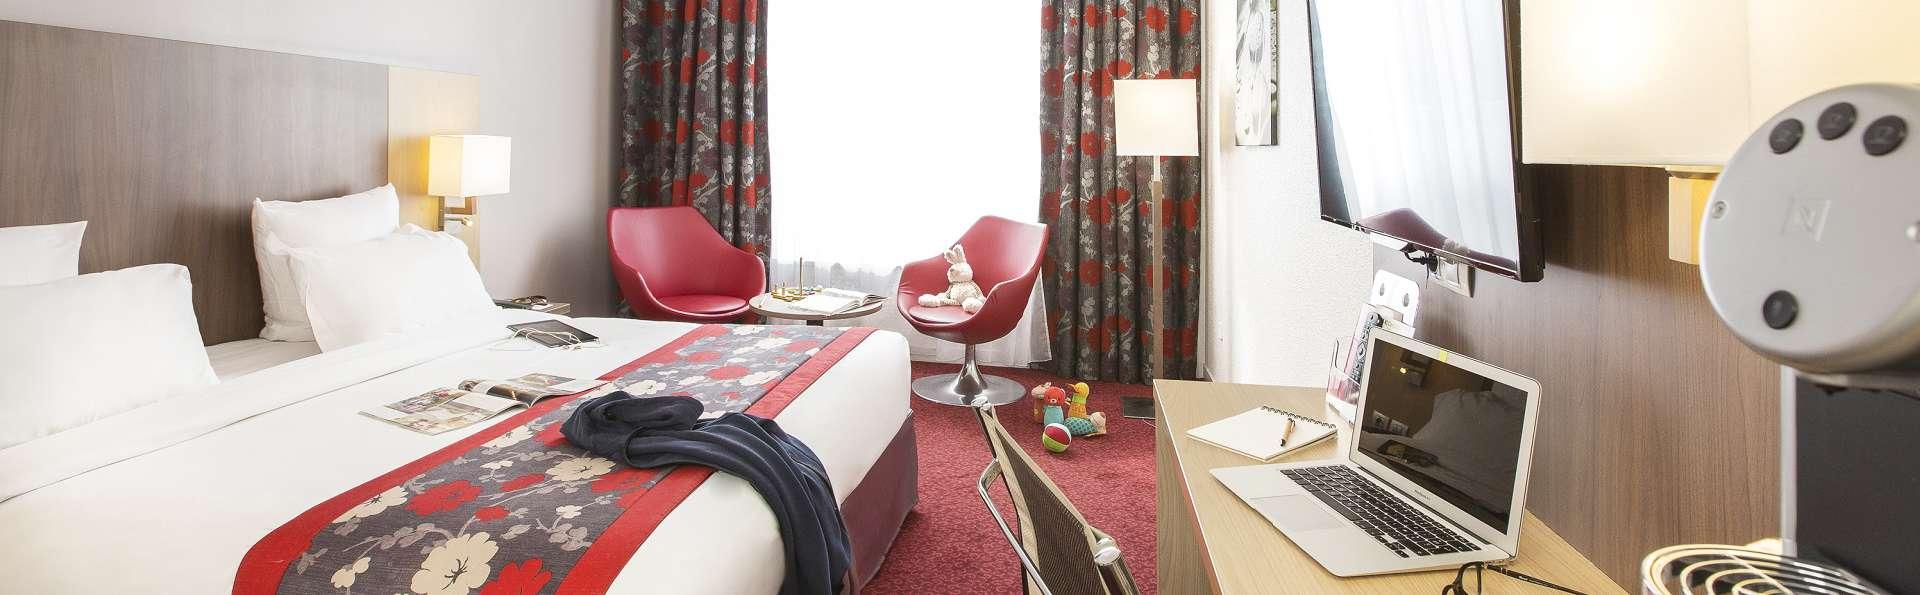 Hôtel au cœur du centre-ville, découvrez Bordeaux et la Gironde